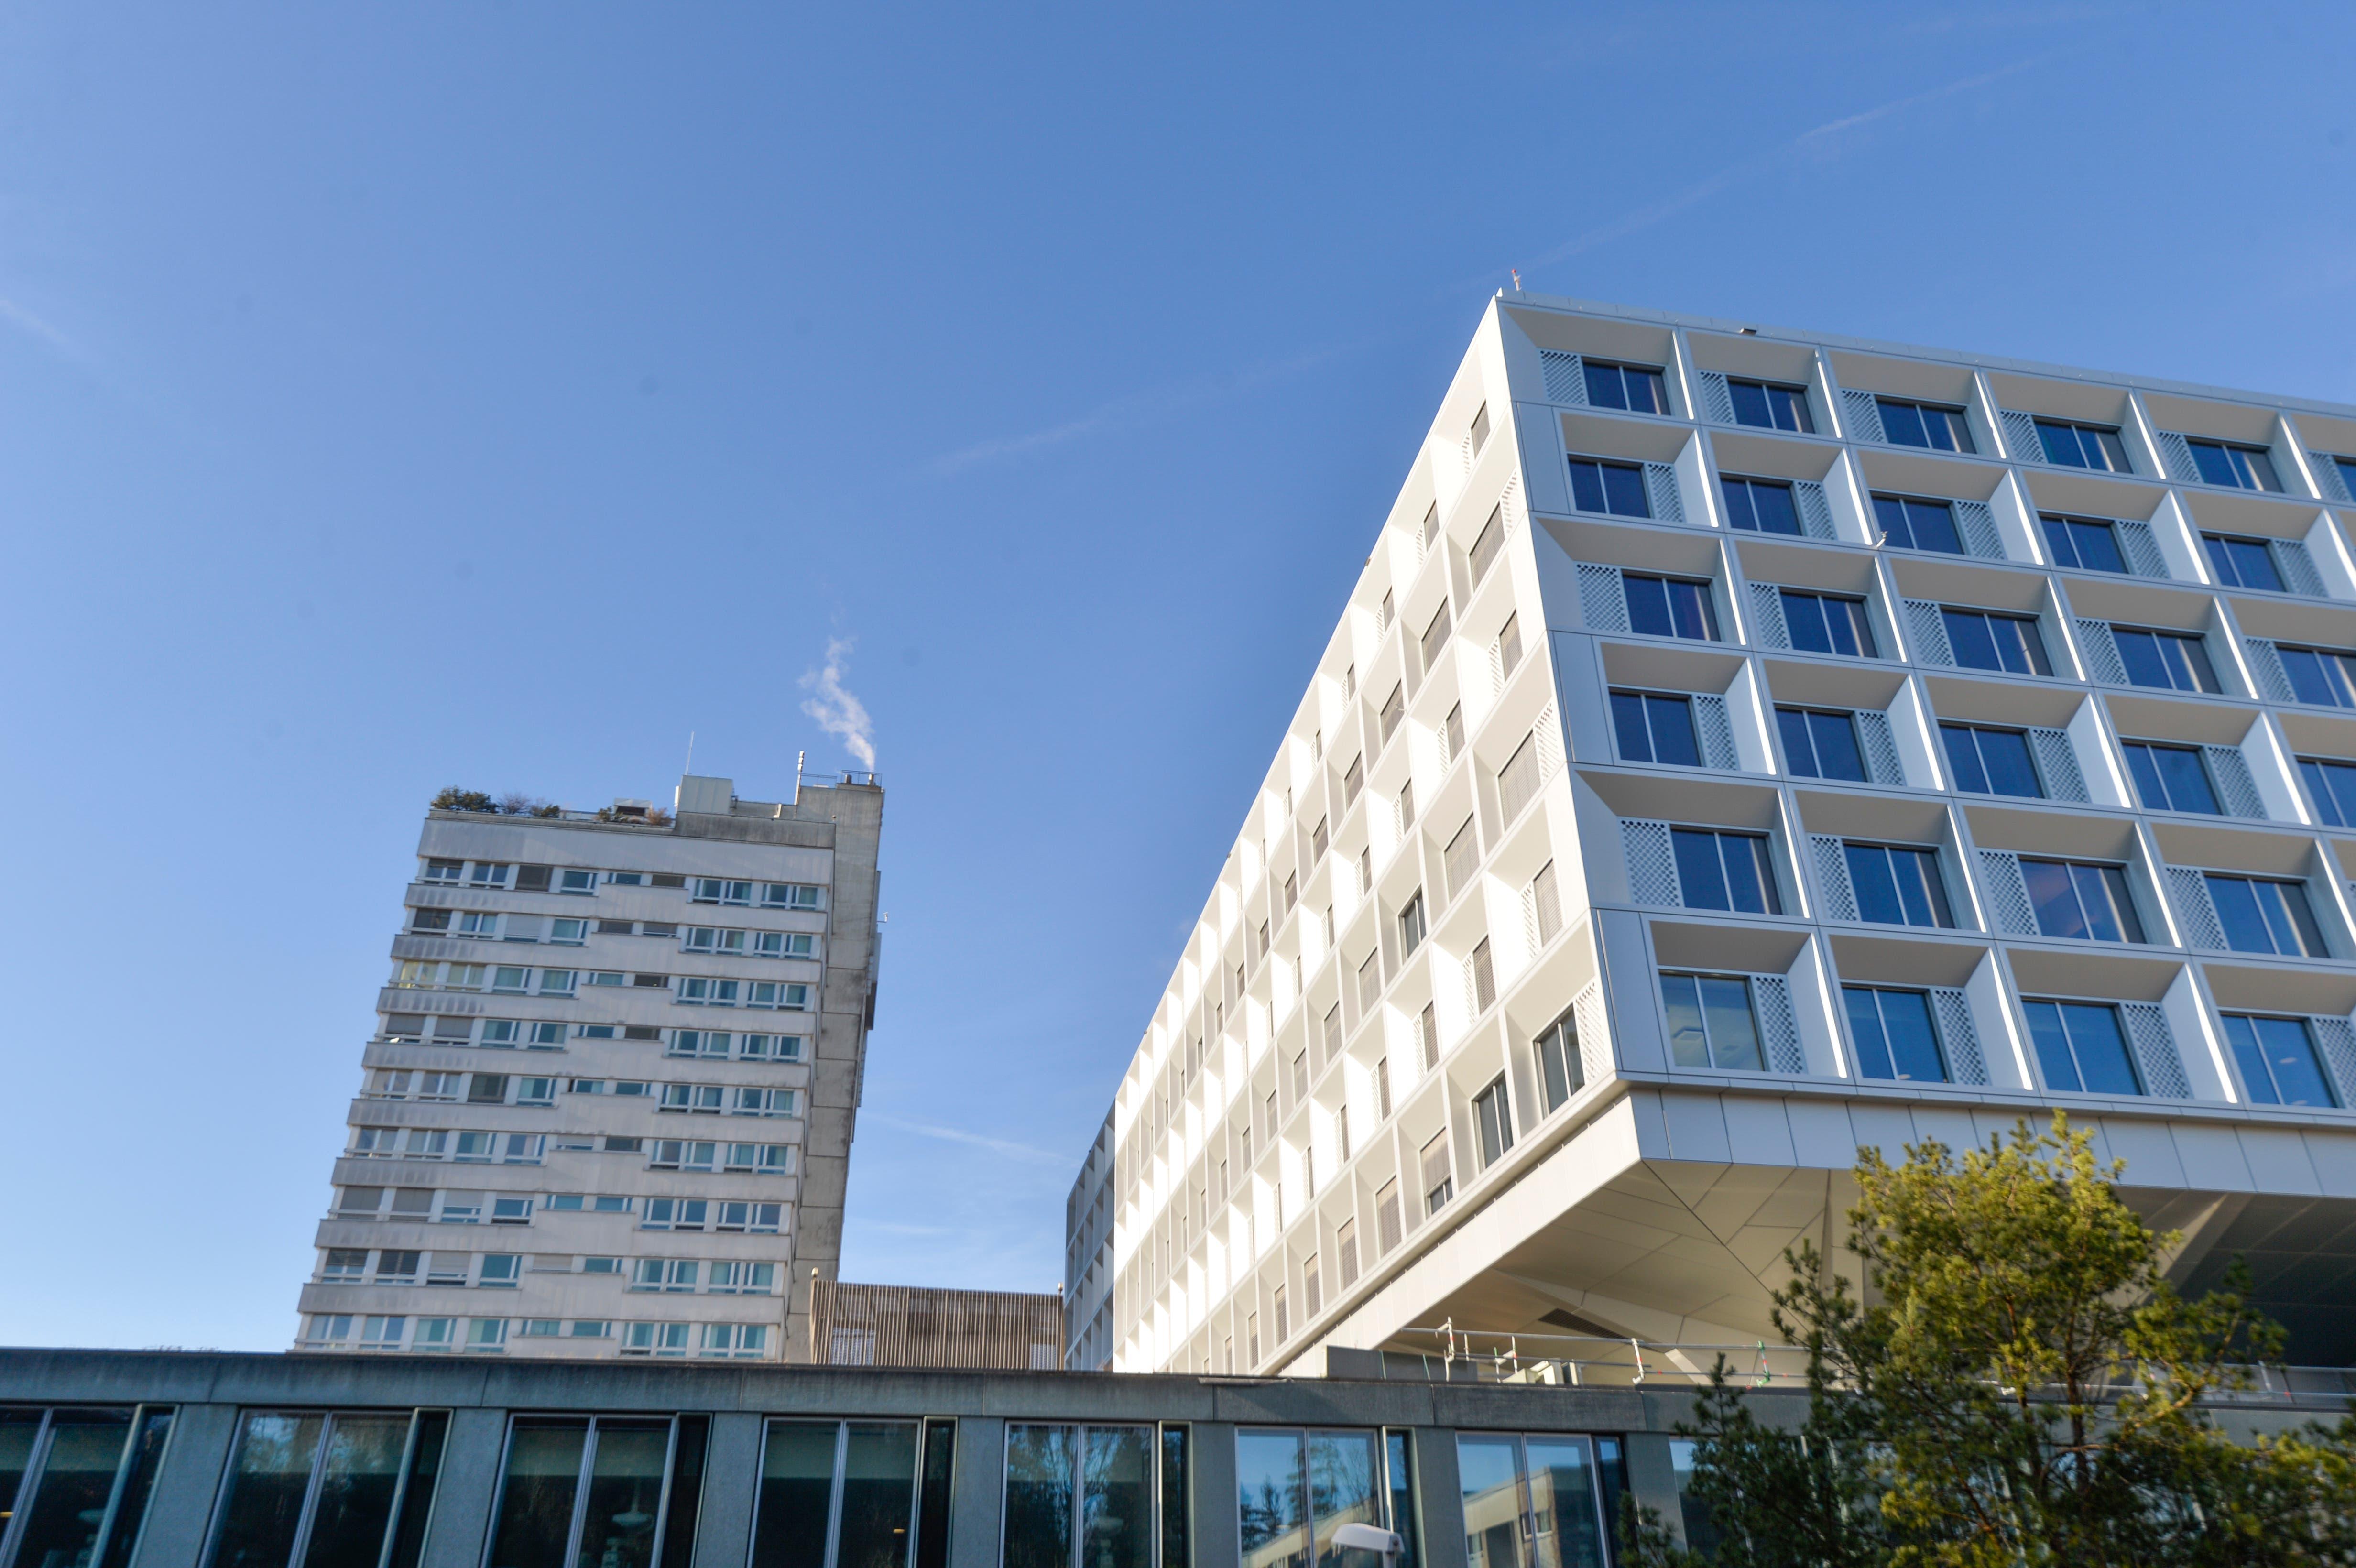 Der Neubau ist so konzipiert, dass sich alle Patienten und Besucher schnell im Gebäude zurechtfinden.